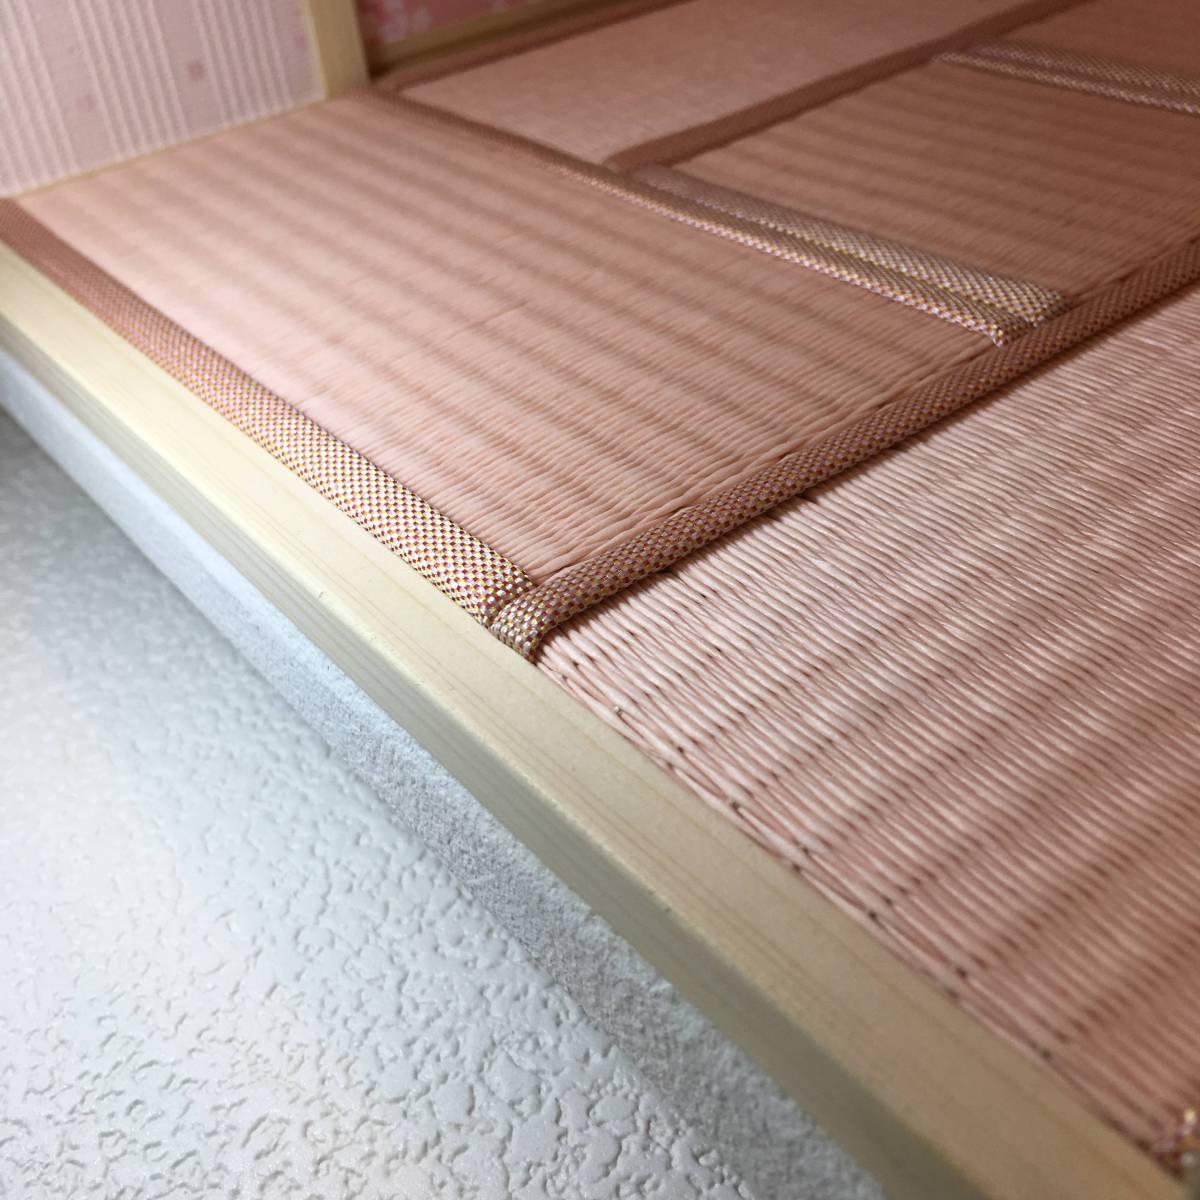 ドールハウス 和室 和風 畳部屋 1/12 サイズ ピンク ポップ桜の間。プチブライス ピコニーモ あまむす オビツ11のミニチュア人形装飾撮影等_画像9